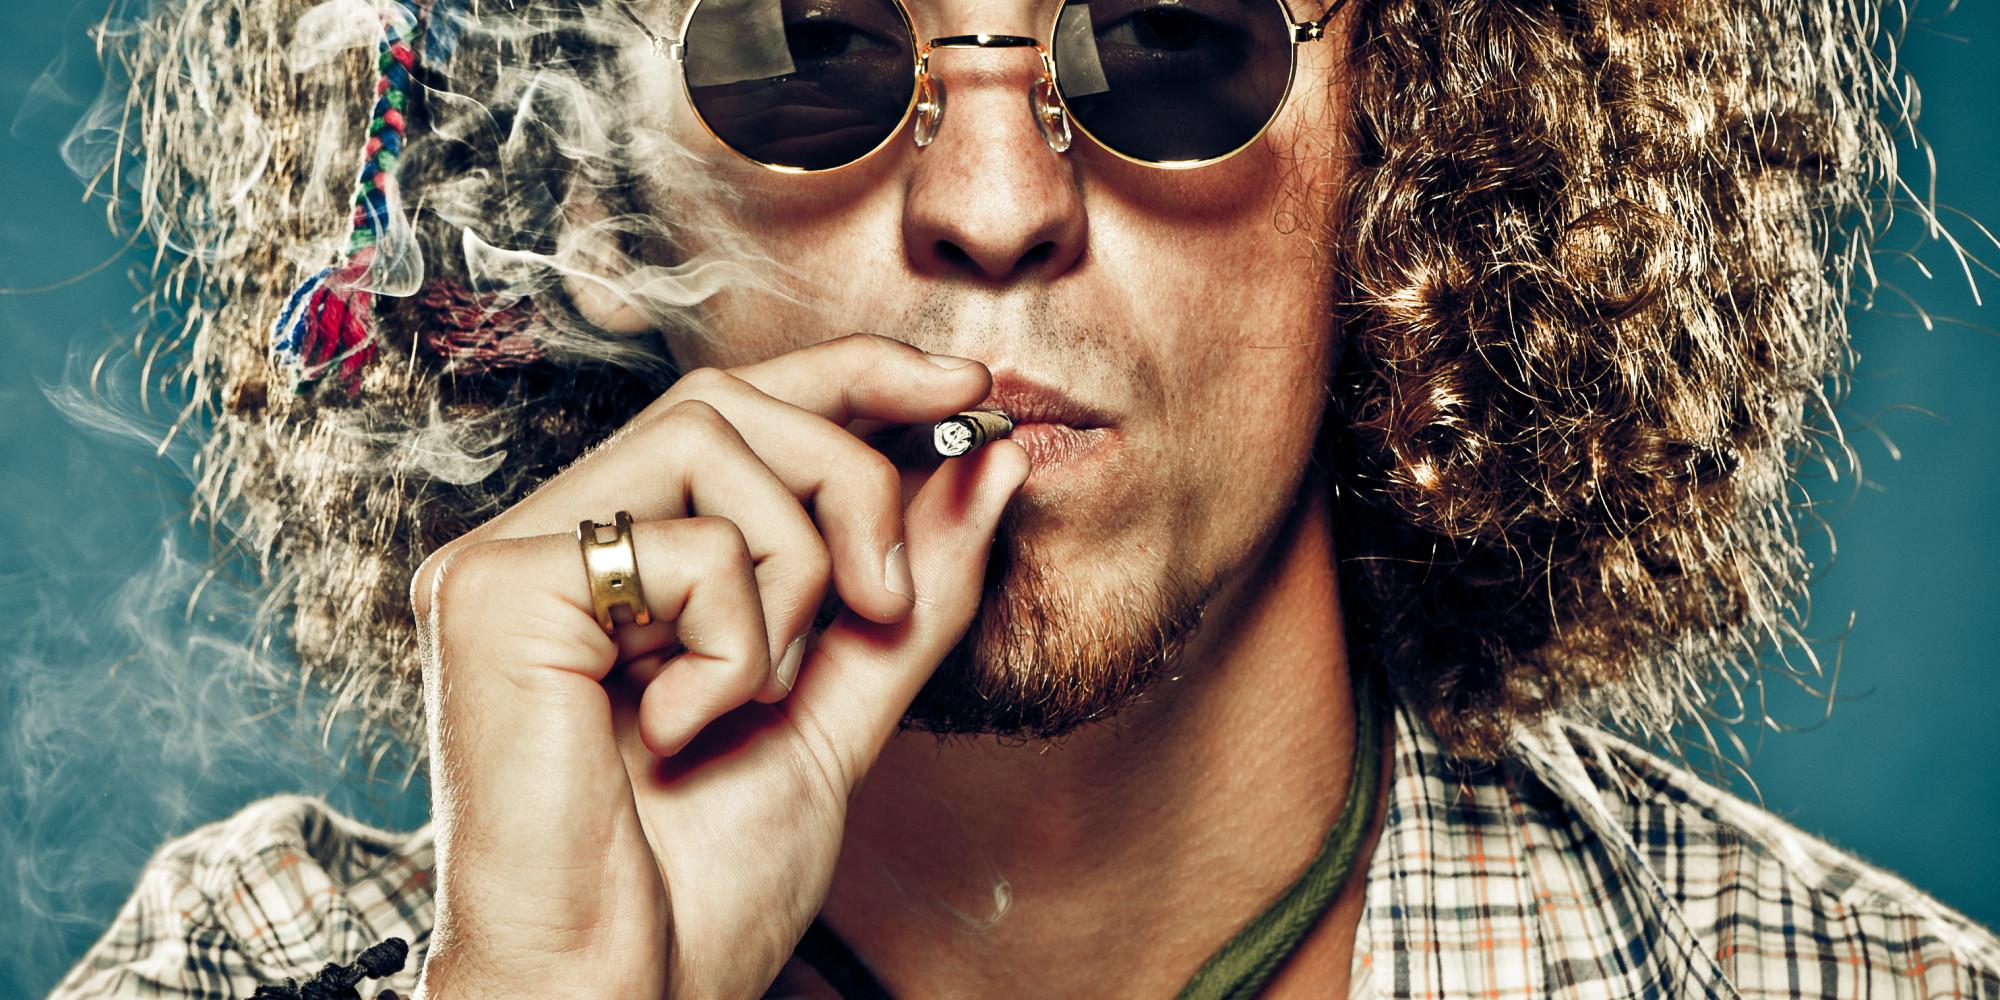 Las 12 frases mas actuales que podrás escuchar acerca de la marihuana en el siglo 21.